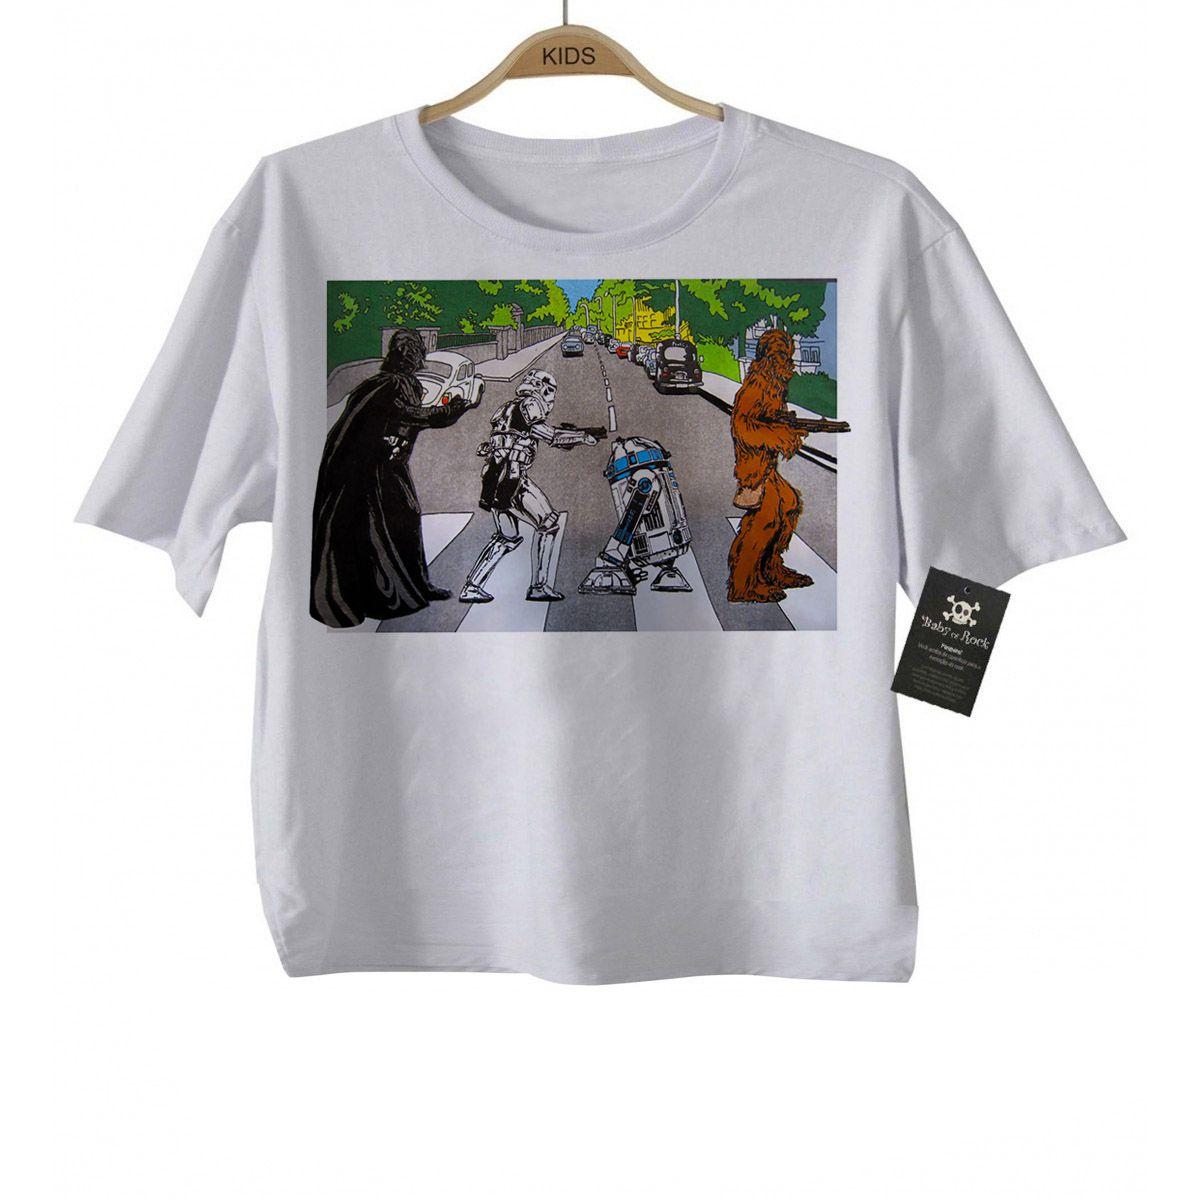 Camiseta Infantil  ROck Beatles Star Wars - White  - Baby Monster S/A